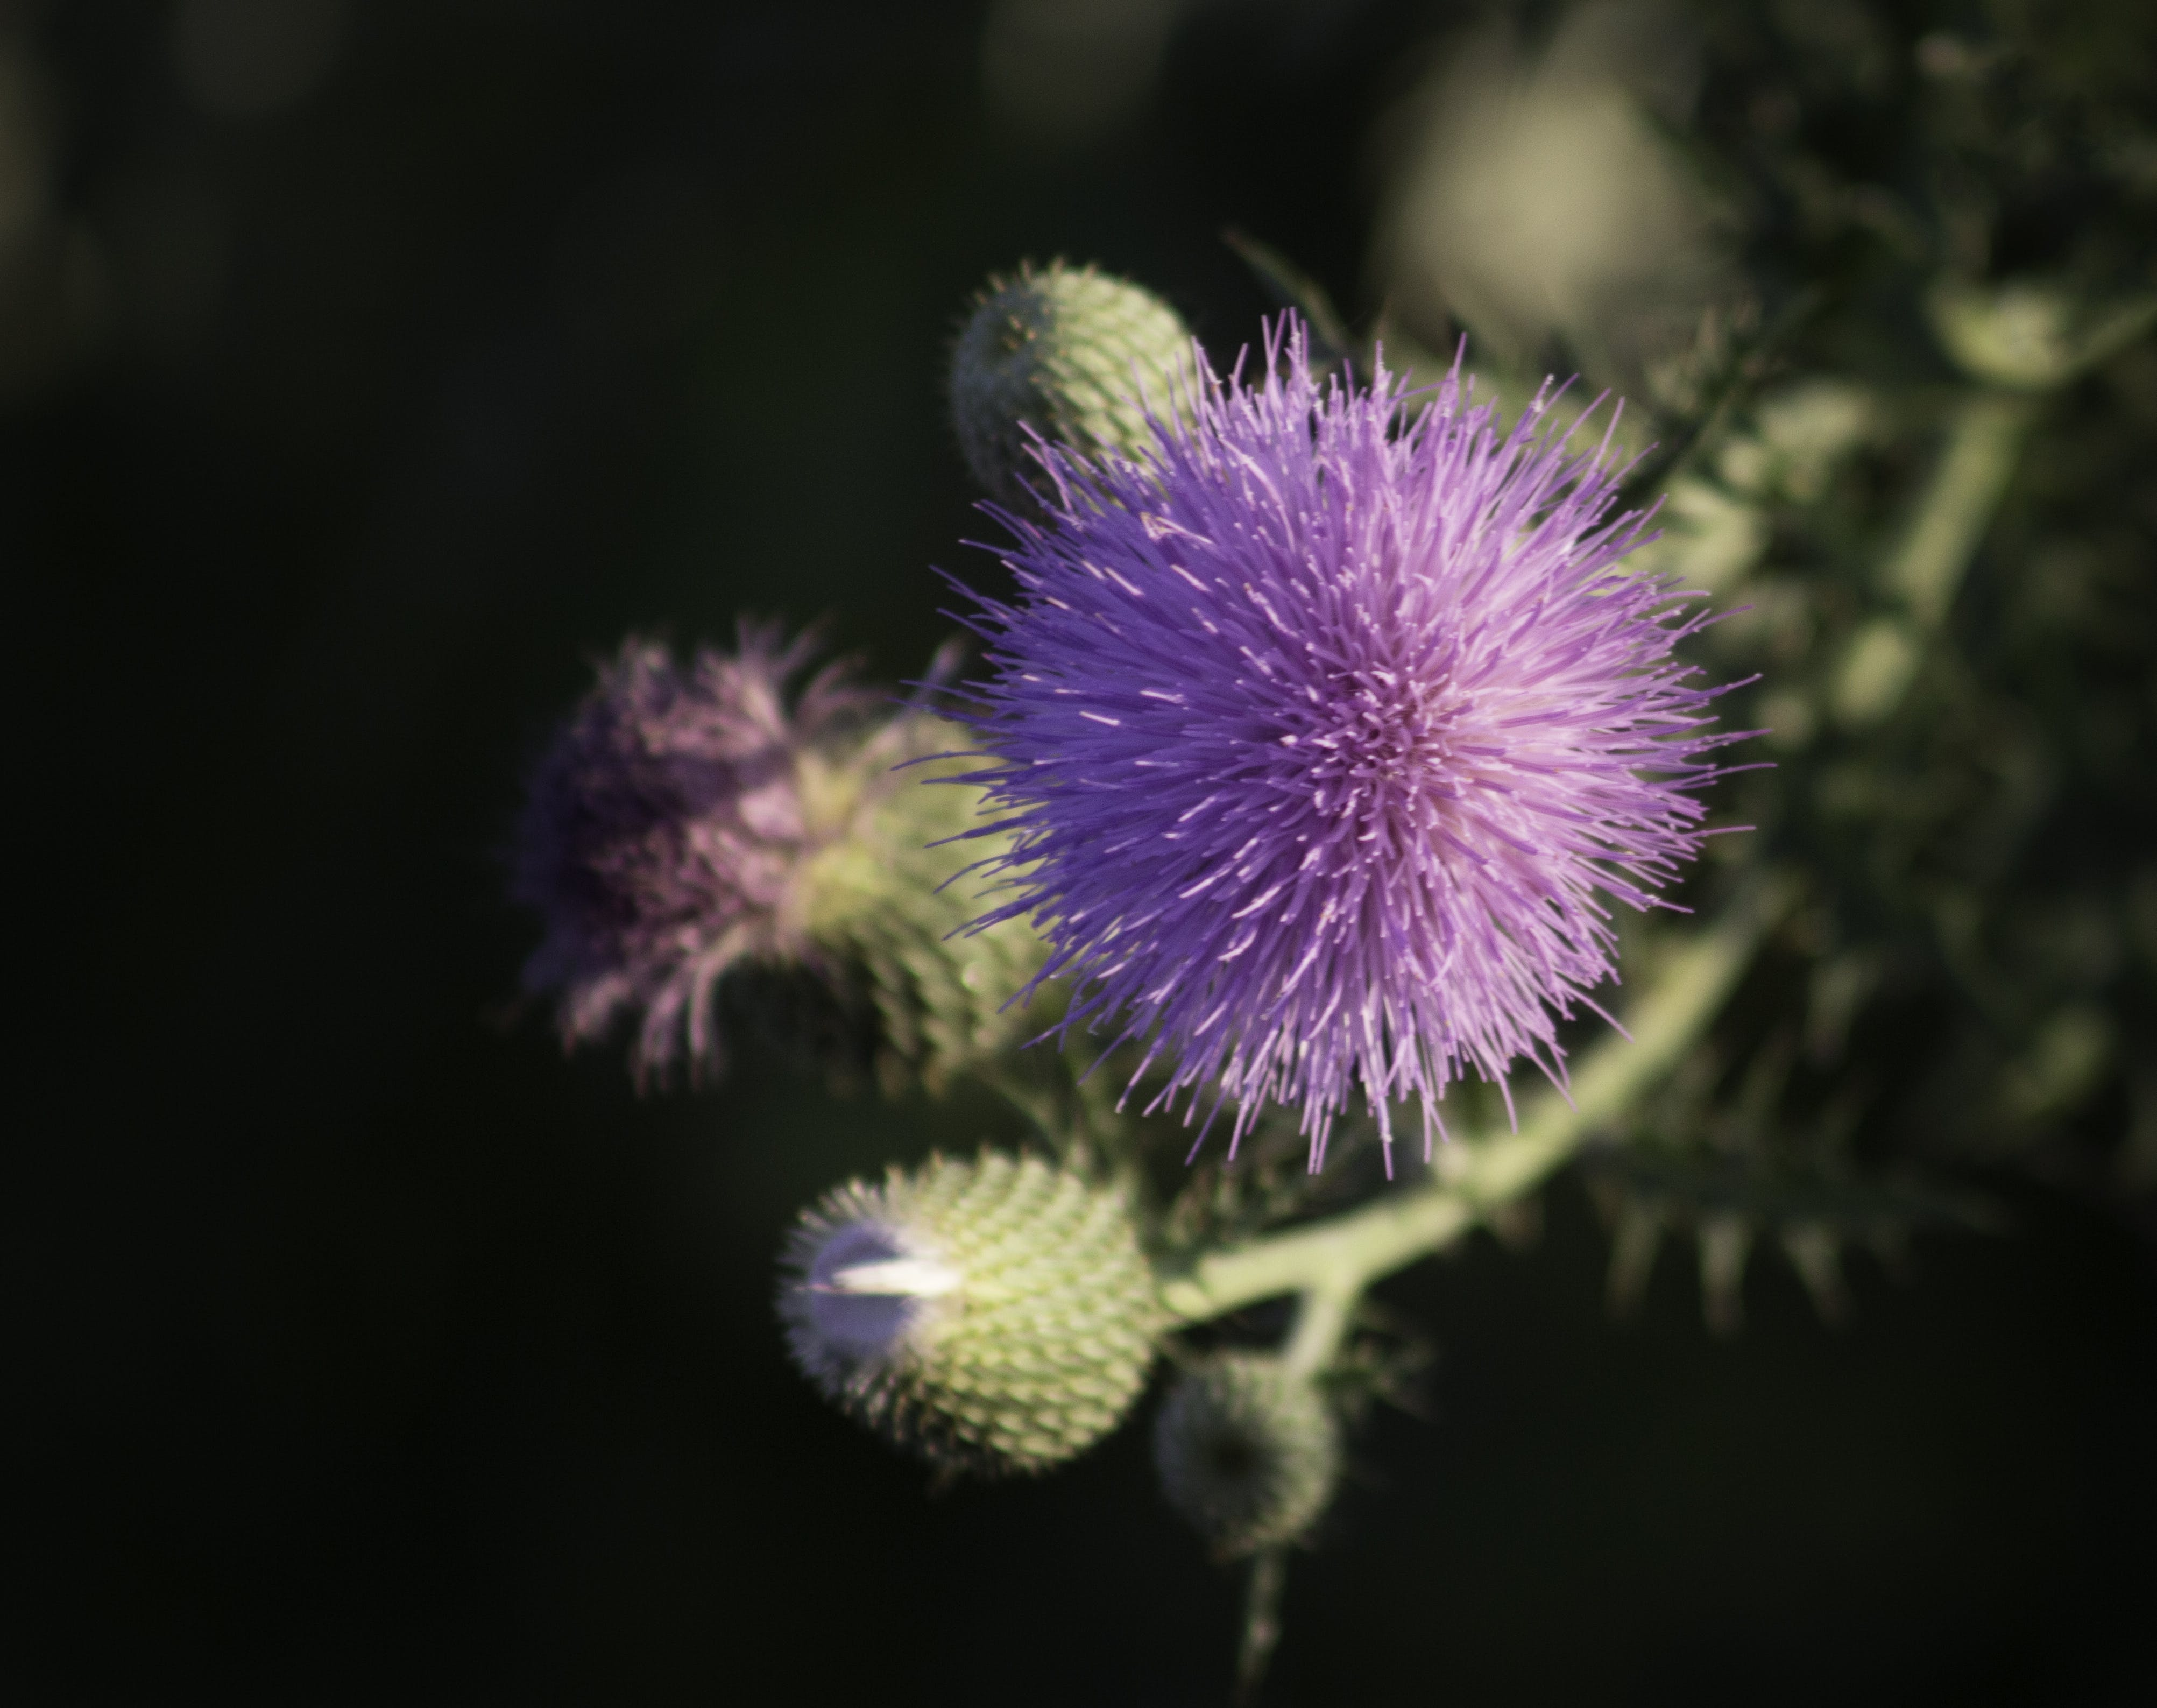 Gratis stockfoto met distel, distelbloem, paarse bloem, wildbloem